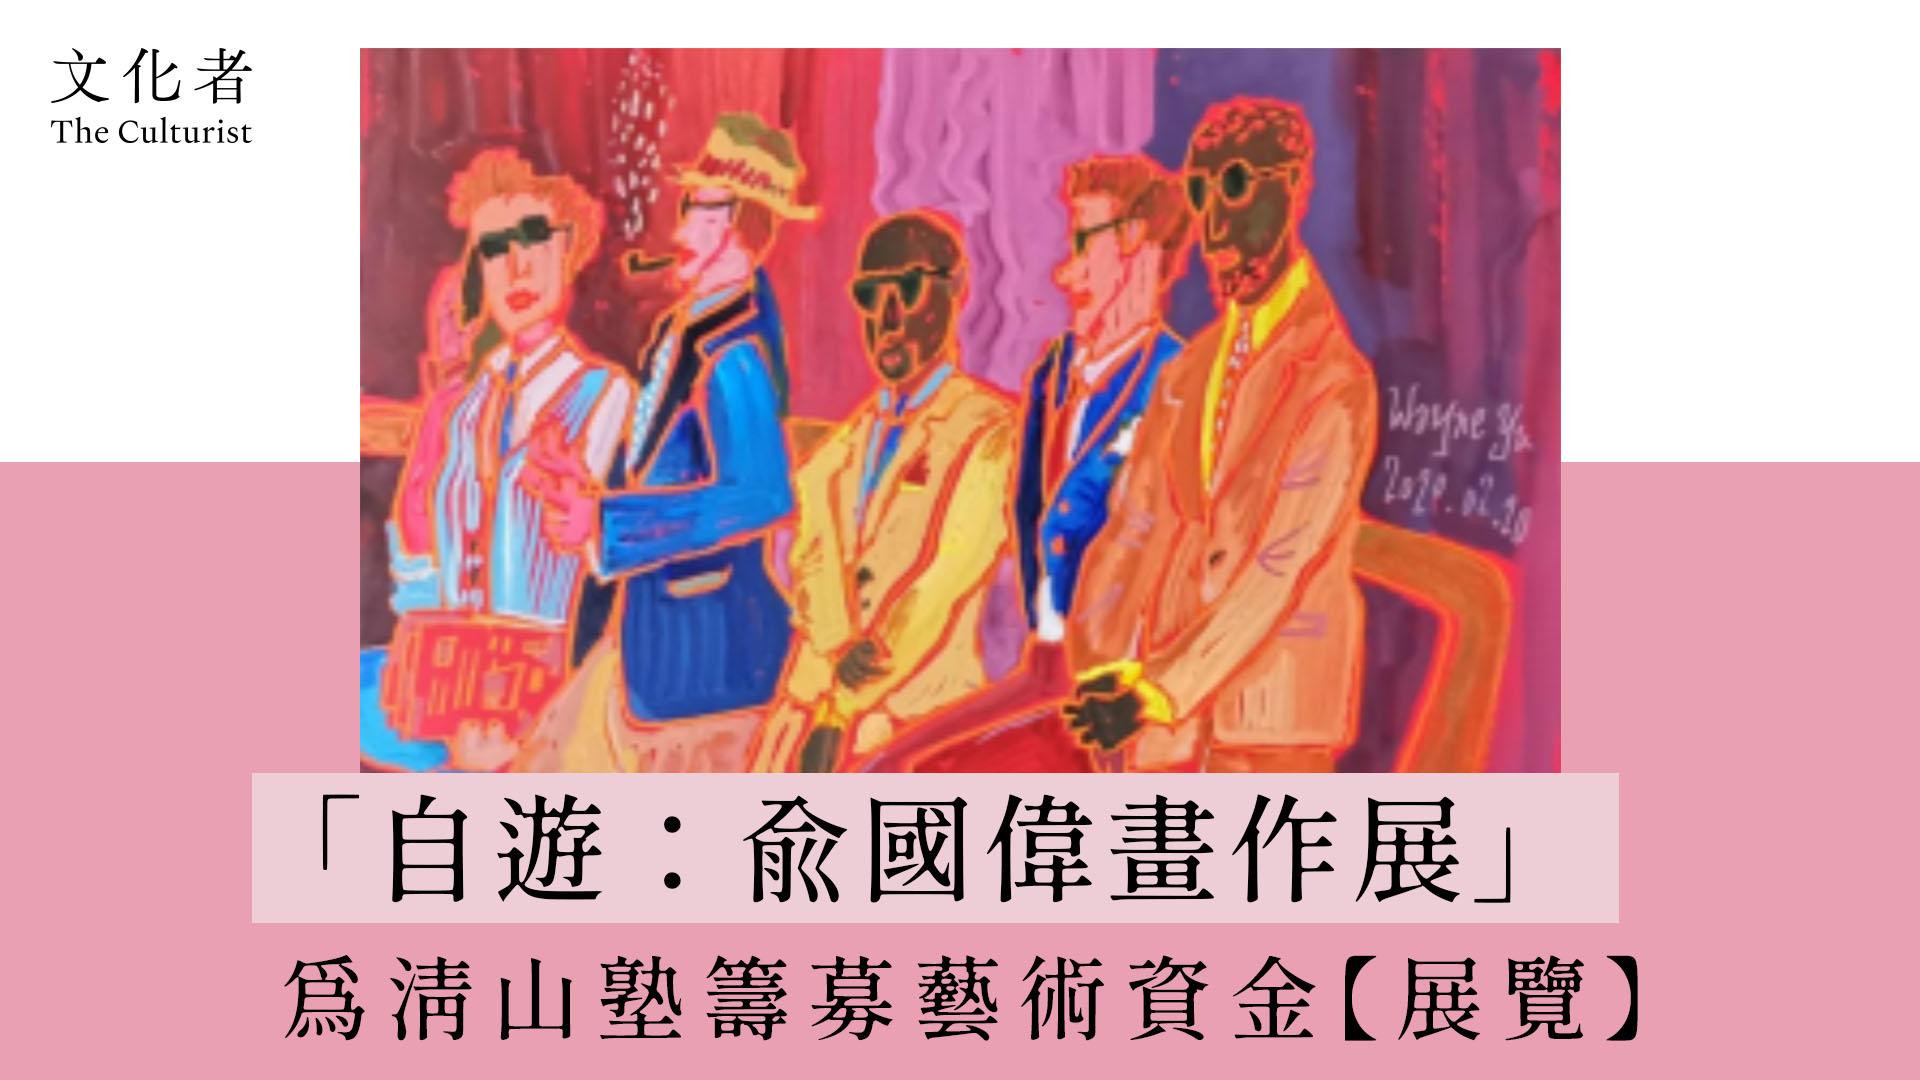 「自遊:俞國偉畫作展」為清山塾籌募藝術資金【展覽】 - The Culturist